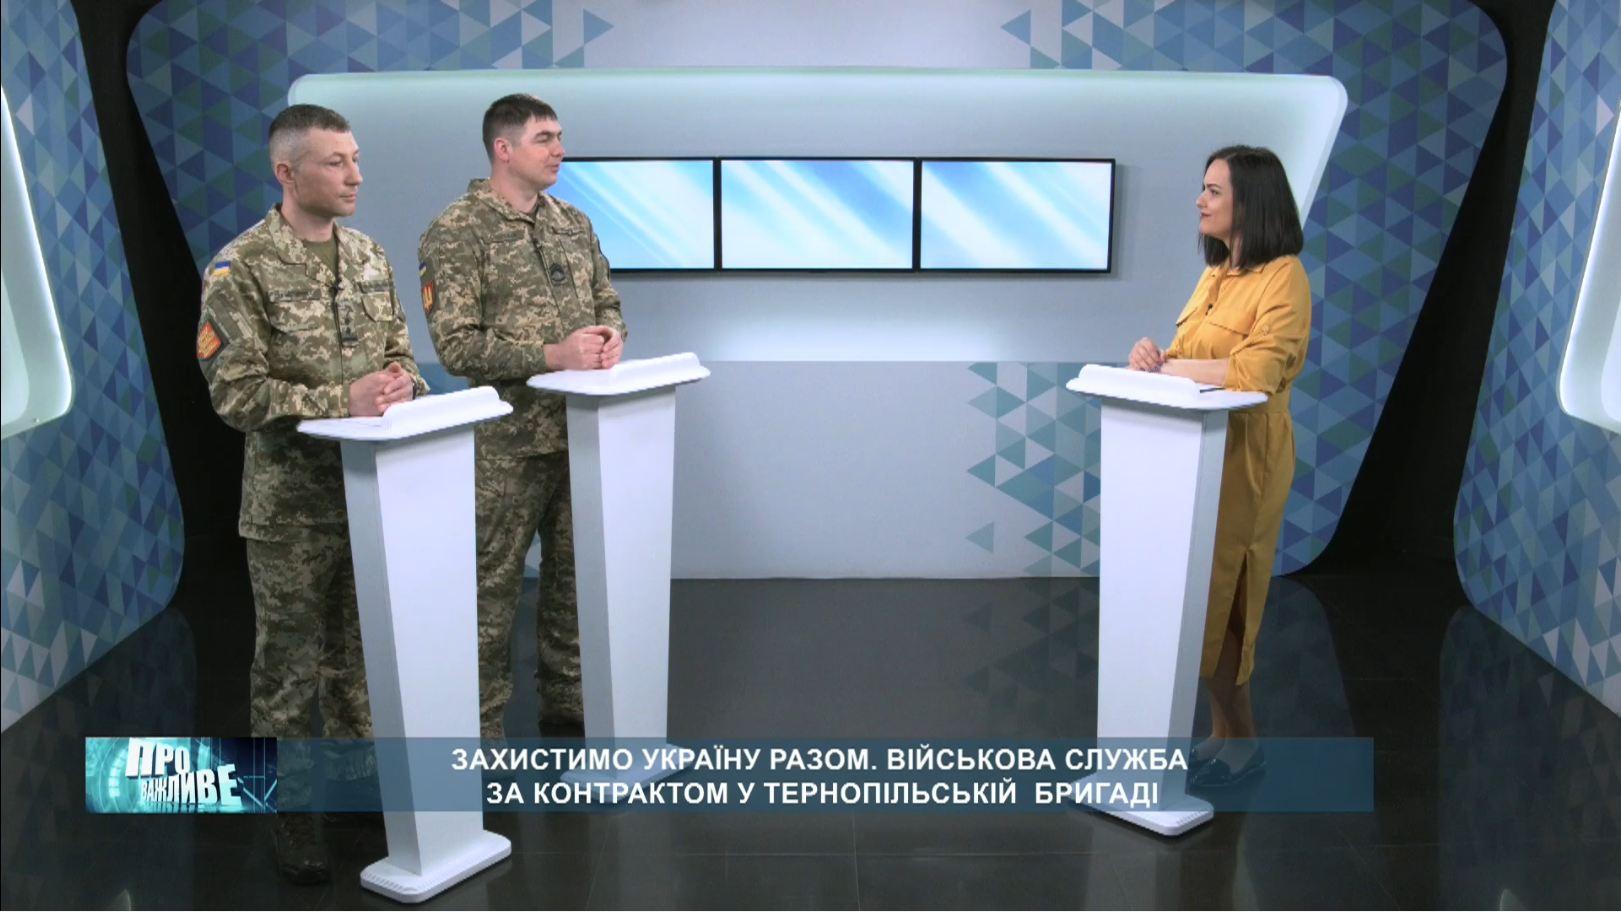 «Про важливе». Захистимо Україну разом. Військова служба за контрактом у Тернопільській бригаді